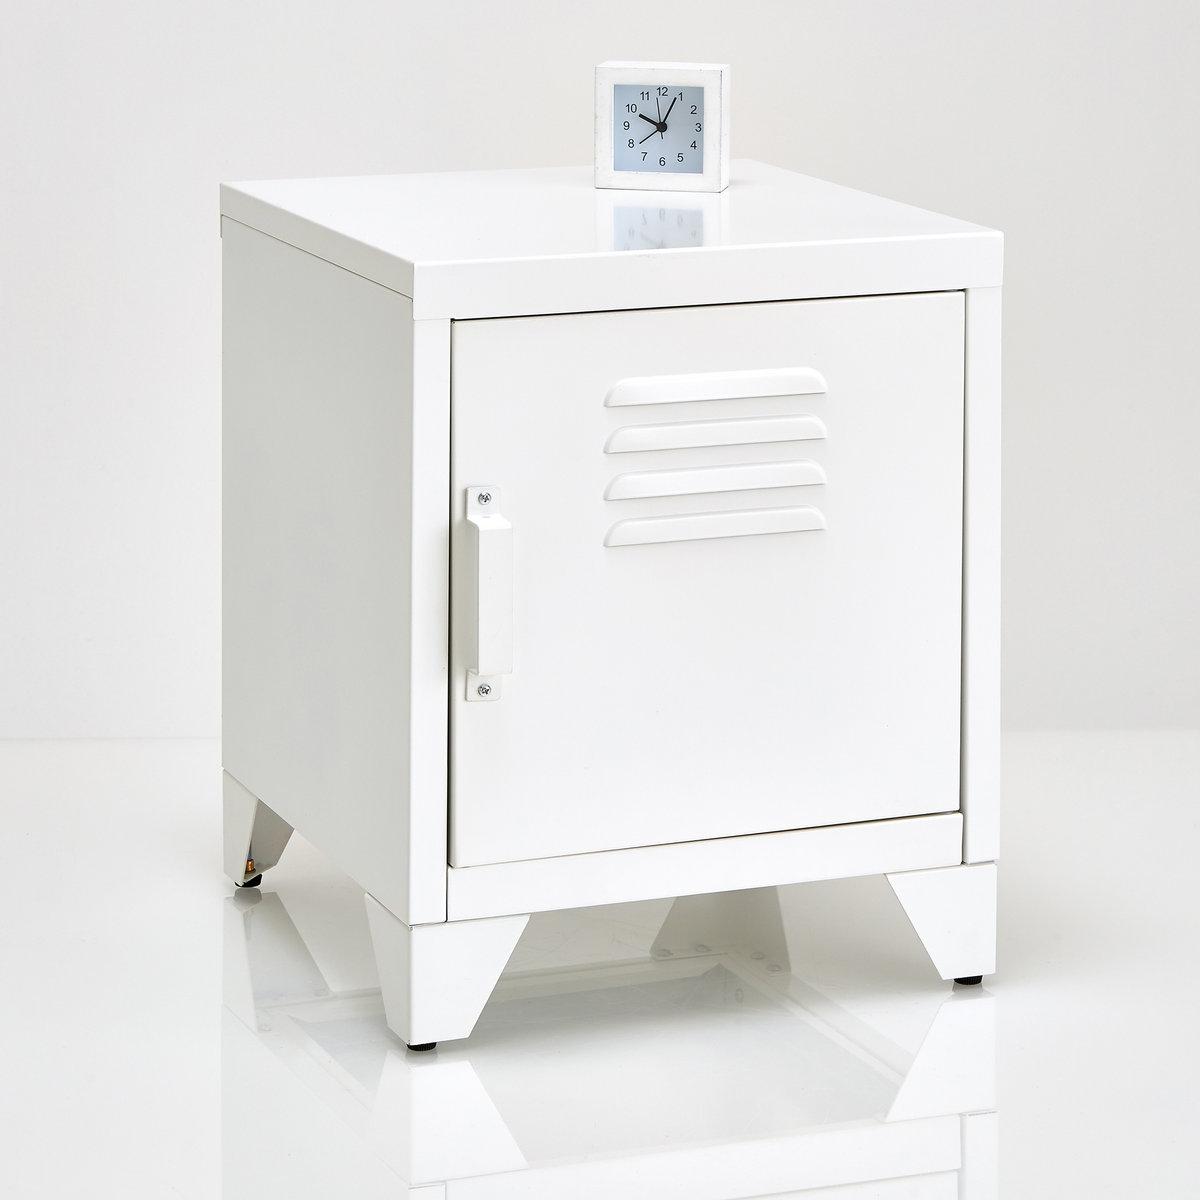 Столик прикроватный металлический HibaМеталлический прикроватный столик с 1 дверцей  Hiba. Прекрасный прикроватный столик Hiba в модной симпатичной цветовой гамме и индустриальном стиле.Описание металлического прикроватного столикаHiba :1 дверца .1 съемная этажерка внутри.Характеристики  :Металл с эпоксидным покрытием .Откройте для себя всюколлекцию Hiba на сайте laredoute.ru.Размеры :Общие :Ширина : 40 смВысота : 50 смГлубина : 40 смНастенная полка : Шир. 35,6 x Шд. 39,7 смНожки : Выс. 8,5 смРазмеры и вес упаковки :1 упаковкаШир. 49 x Выс. 23 x Гл. 46,5 см 9,7 кг Доставка :Поставляется в разобранном виде . Возможна доставка на дом !Внимание ! Убедитесь, что посылку возможно доставить на дом, учитывая ее габариты (двери, лестницы, лифт).<br><br>Цвет: белый<br>Размер: единый размер